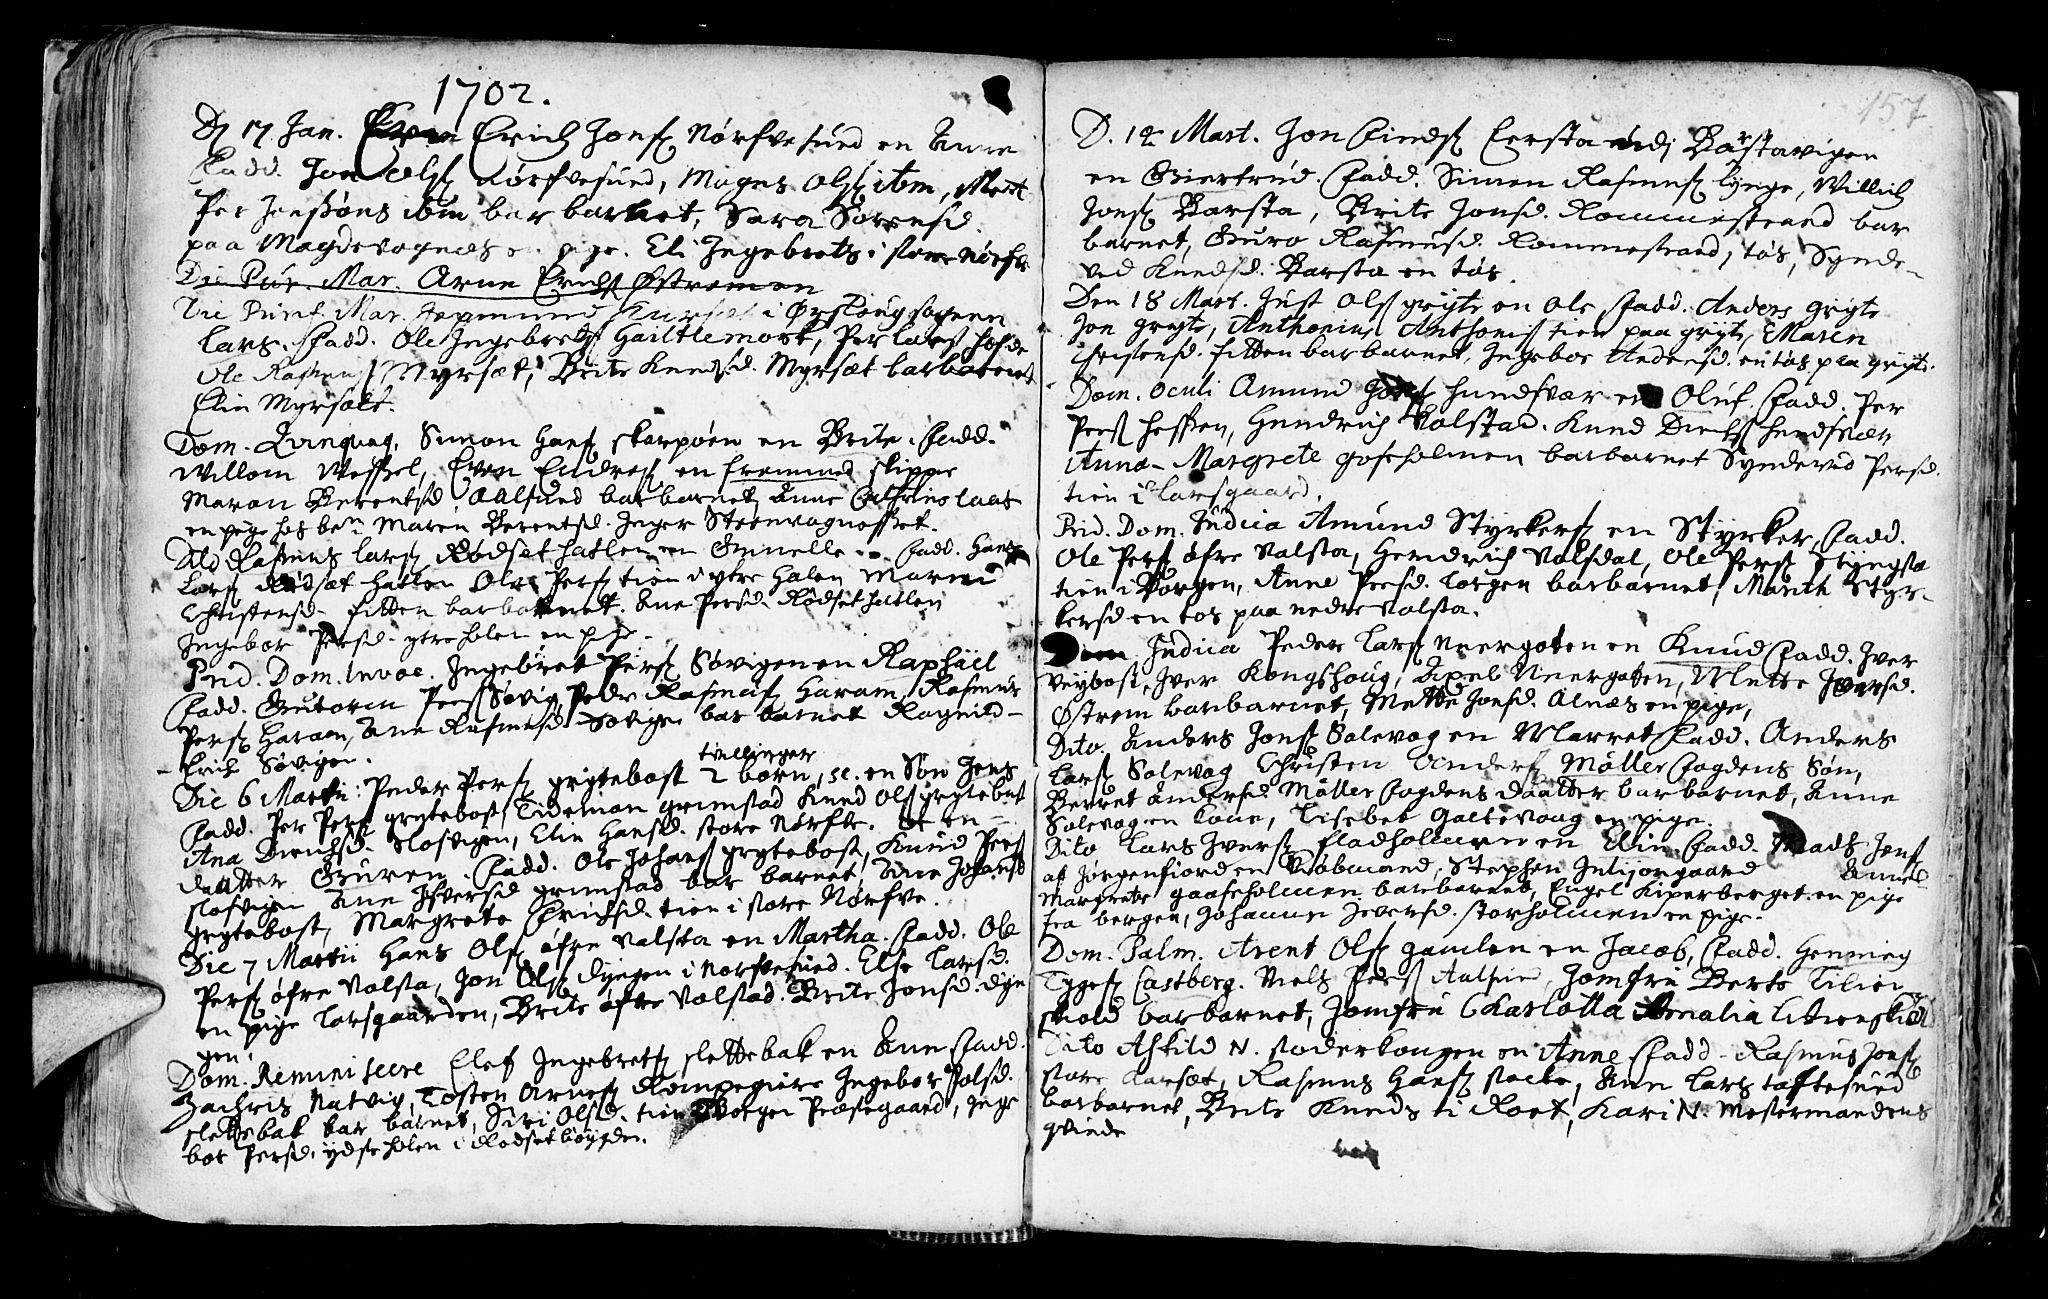 SAT, Ministerialprotokoller, klokkerbøker og fødselsregistre - Møre og Romsdal, 528/L0390: Ministerialbok nr. 528A01, 1698-1739, s. 156-157